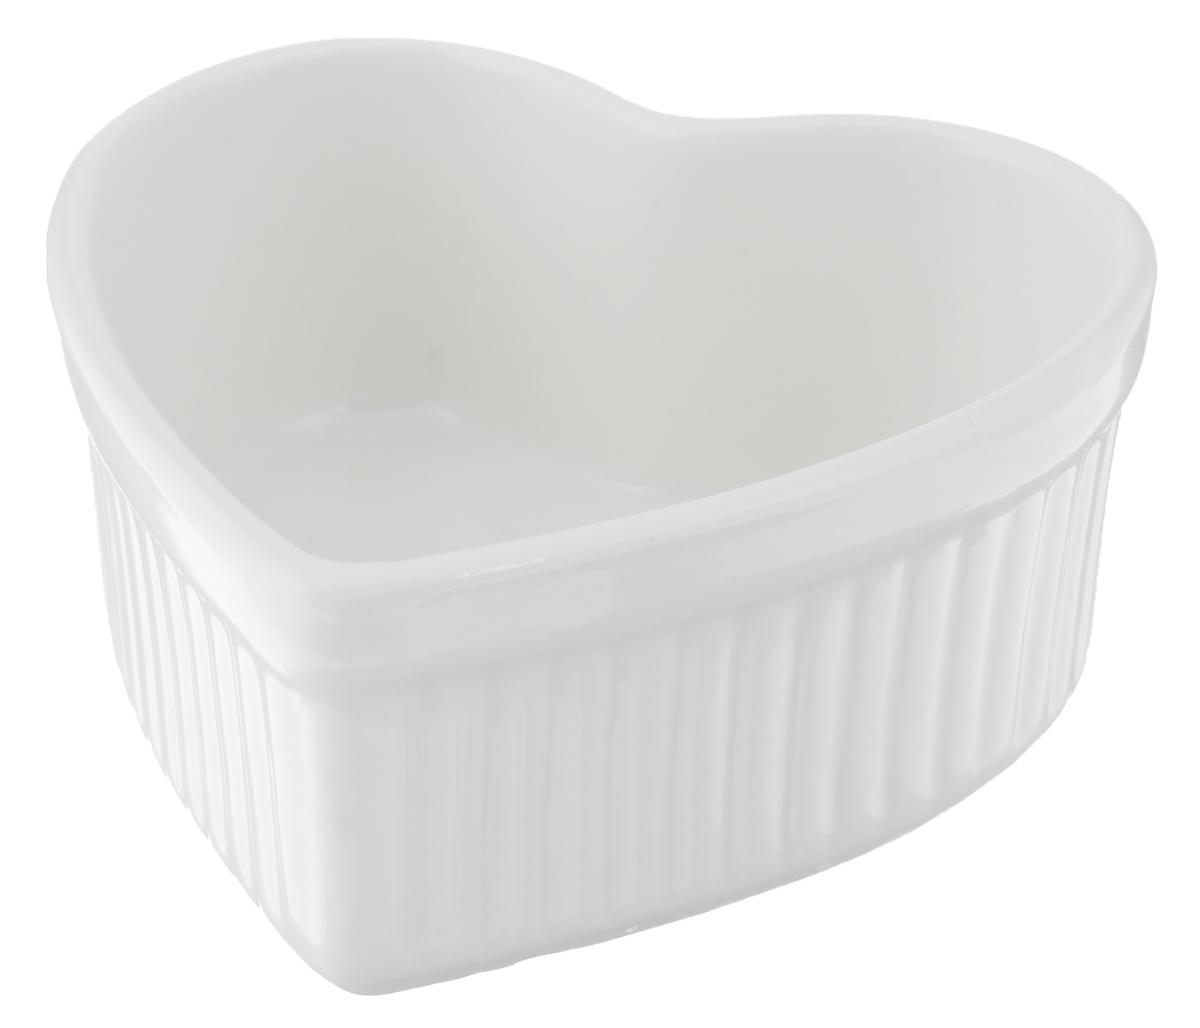 Горшок для запекания Walmer Heart, цвет: белый, 9 х 10 смW10310009Горшок для запекания Walmer Heart изготовлен из высококачественного фарфора и оформлен в форме сердца. Изделие подходит для запекания различных блюд и может быть использовано для подачи на стол.Такое изделие станет отличным дополнением к вашему кухонному инвентарю, а также украсит сервировку стола и подчеркнет прекрасный вкус хозяина. Можно использовать в микроволновой печи.Размер изделия : 9 х 10 х 4 см.